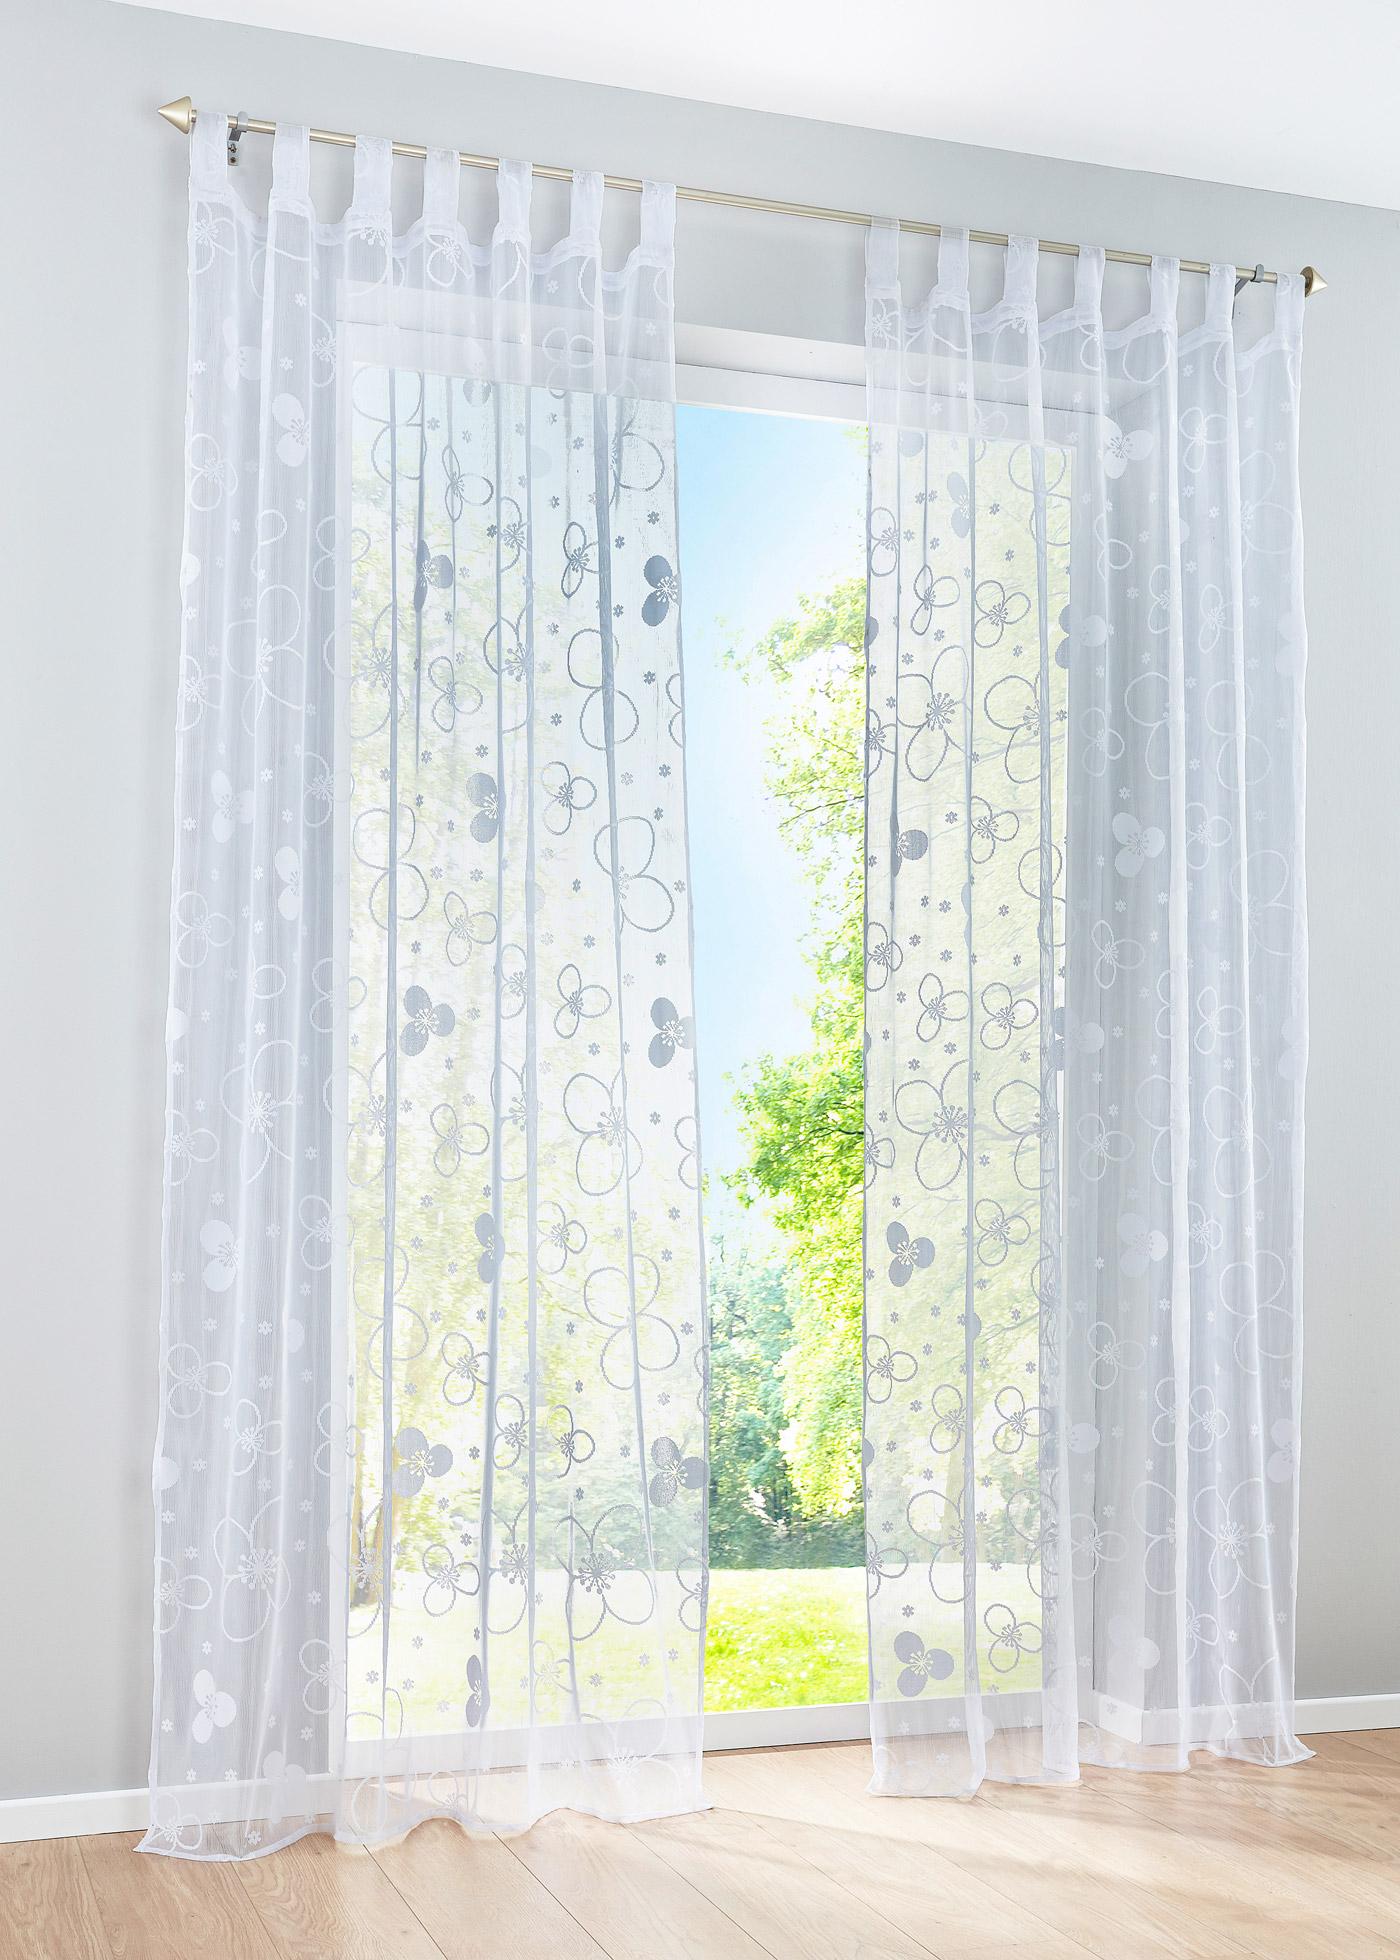 acheter voilage pas cher detail vente maison et jardin page 25. Black Bedroom Furniture Sets. Home Design Ideas